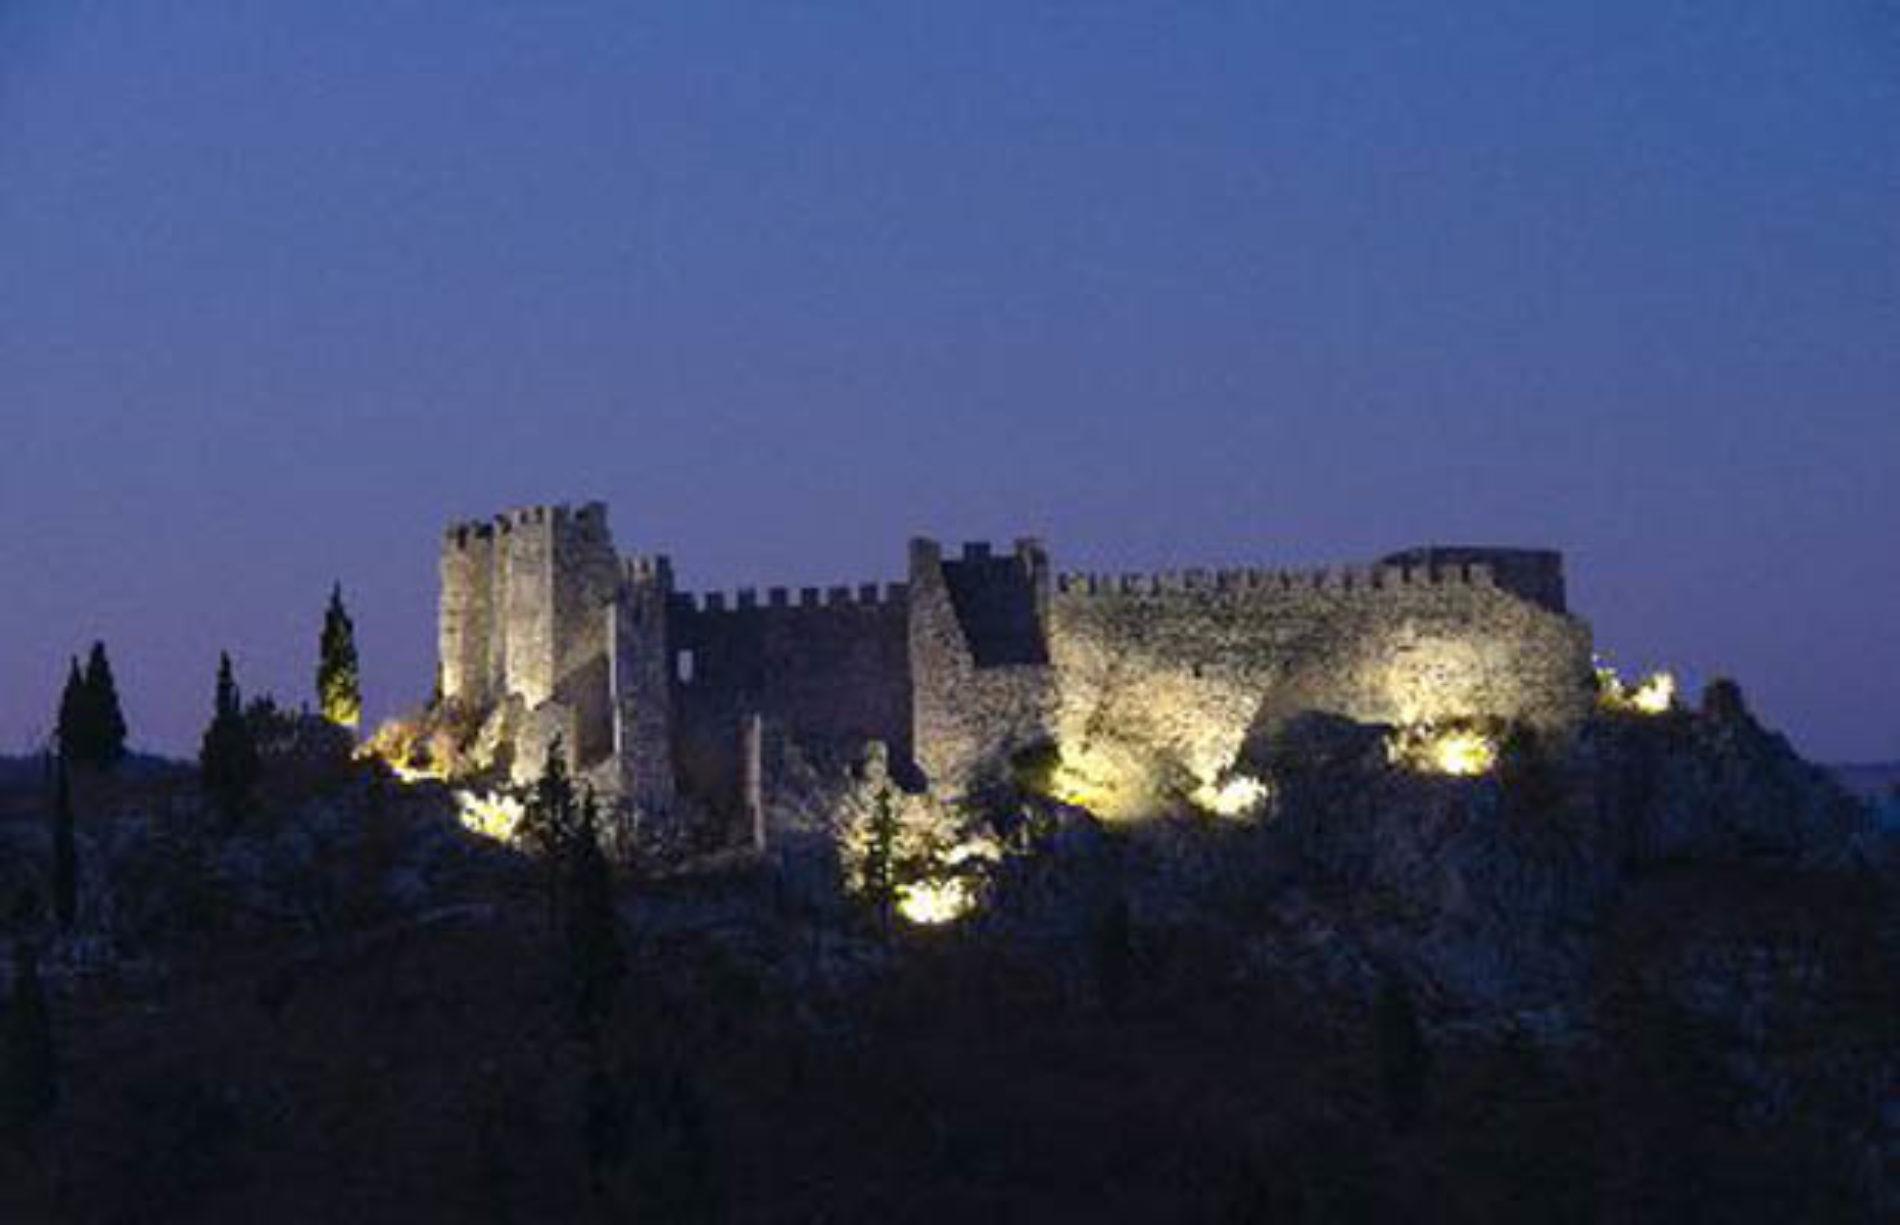 Naselja bosanske srednjevjekovne države – Blagaj